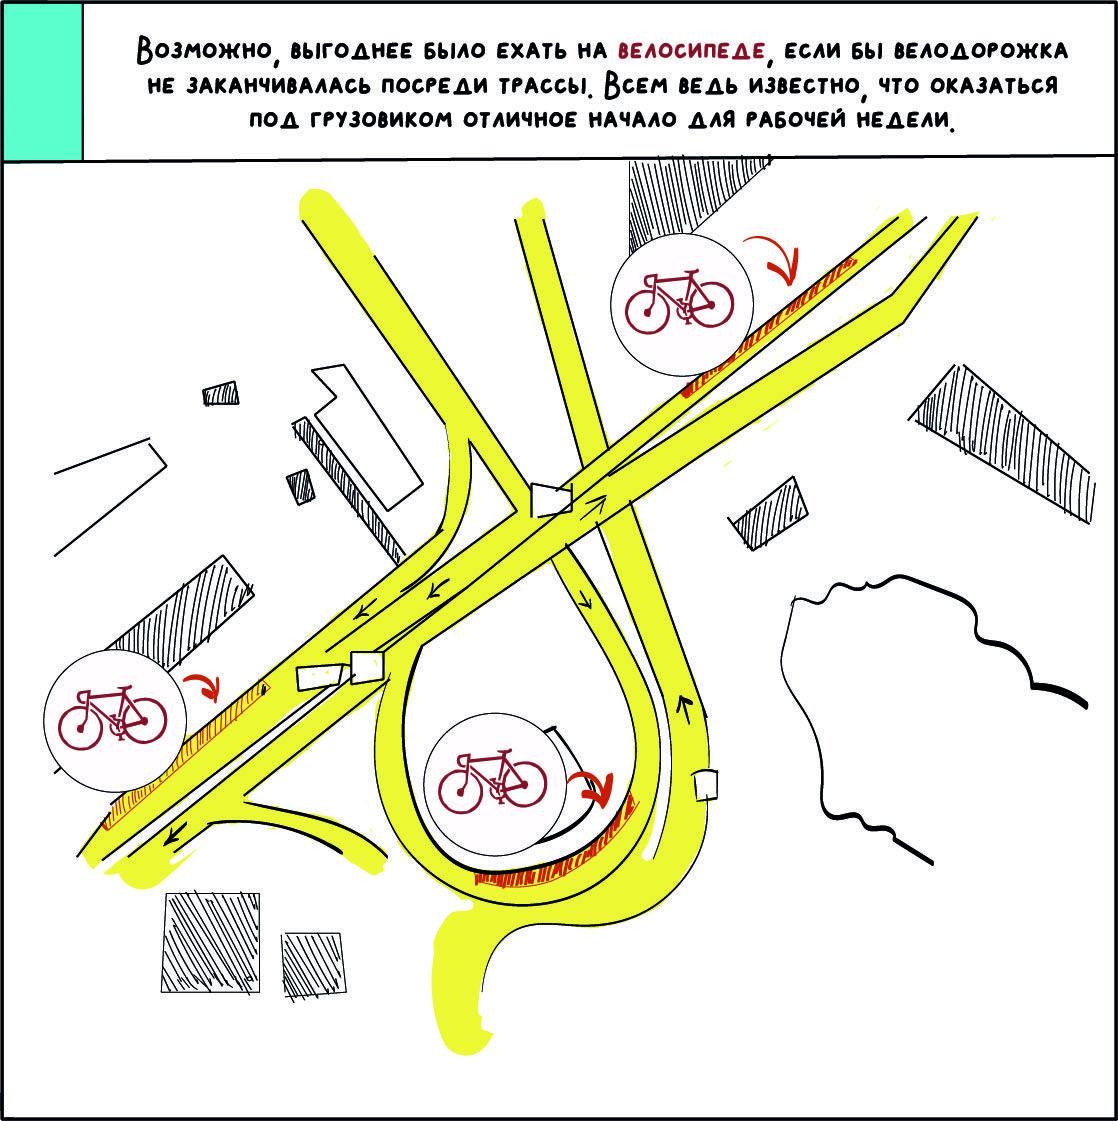 comics about kyiv 10 - <b>«Собі побібікай!»</b> Комікс Анастасії Оприщенко про те, що дратує в Києві найбільше - Заборона